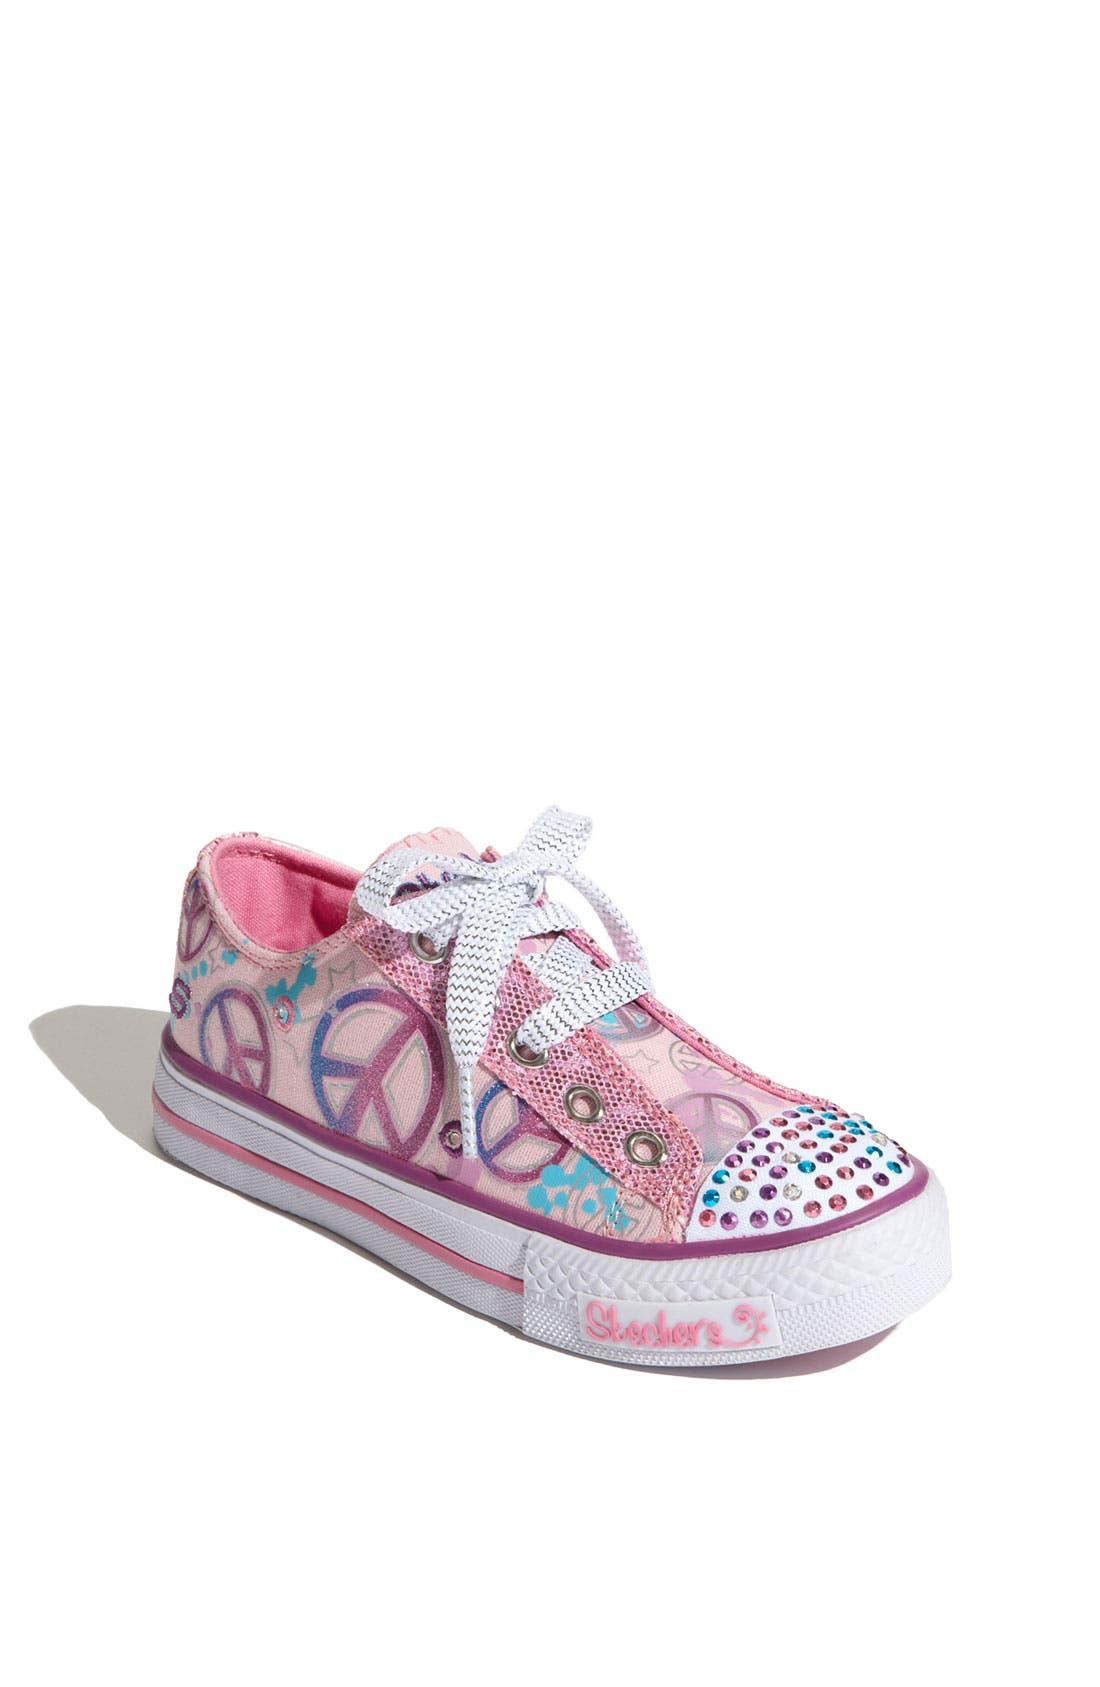 Alternate Image 1 Selected - SKECHERS 'Lovable' Sneaker (Toddler & Little Kid)